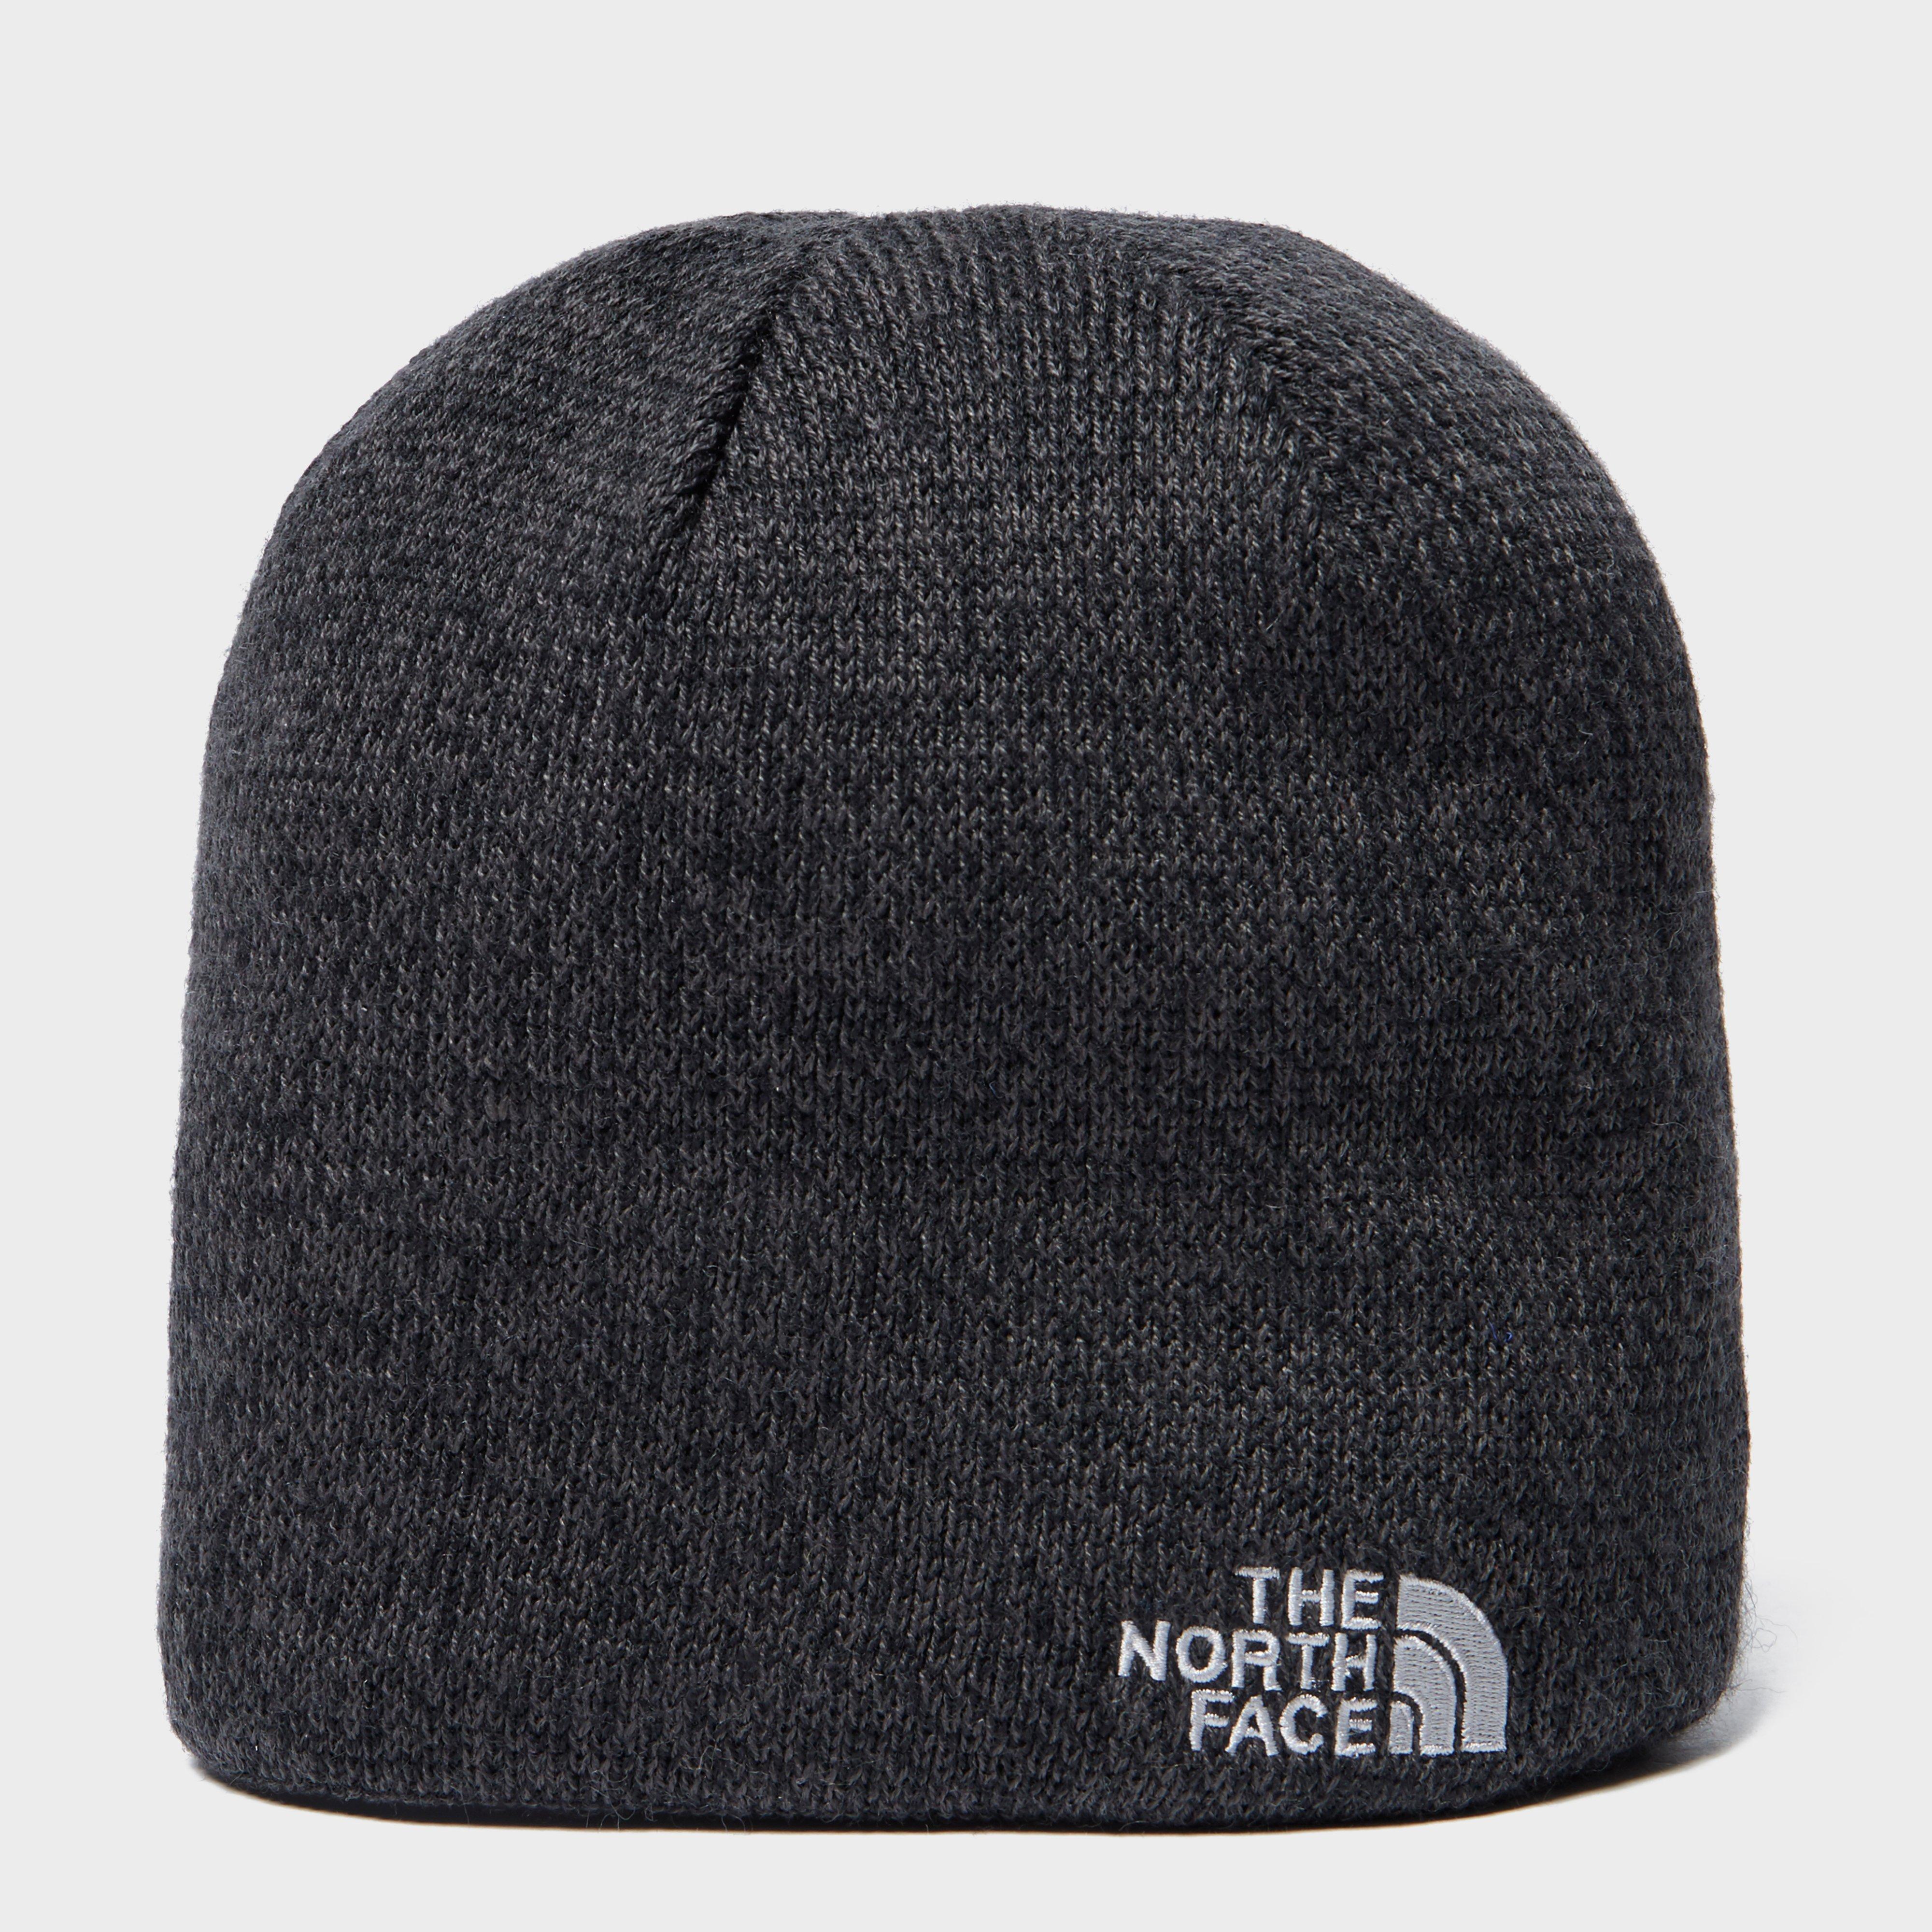 The North Face Mens Jim Beanie Black